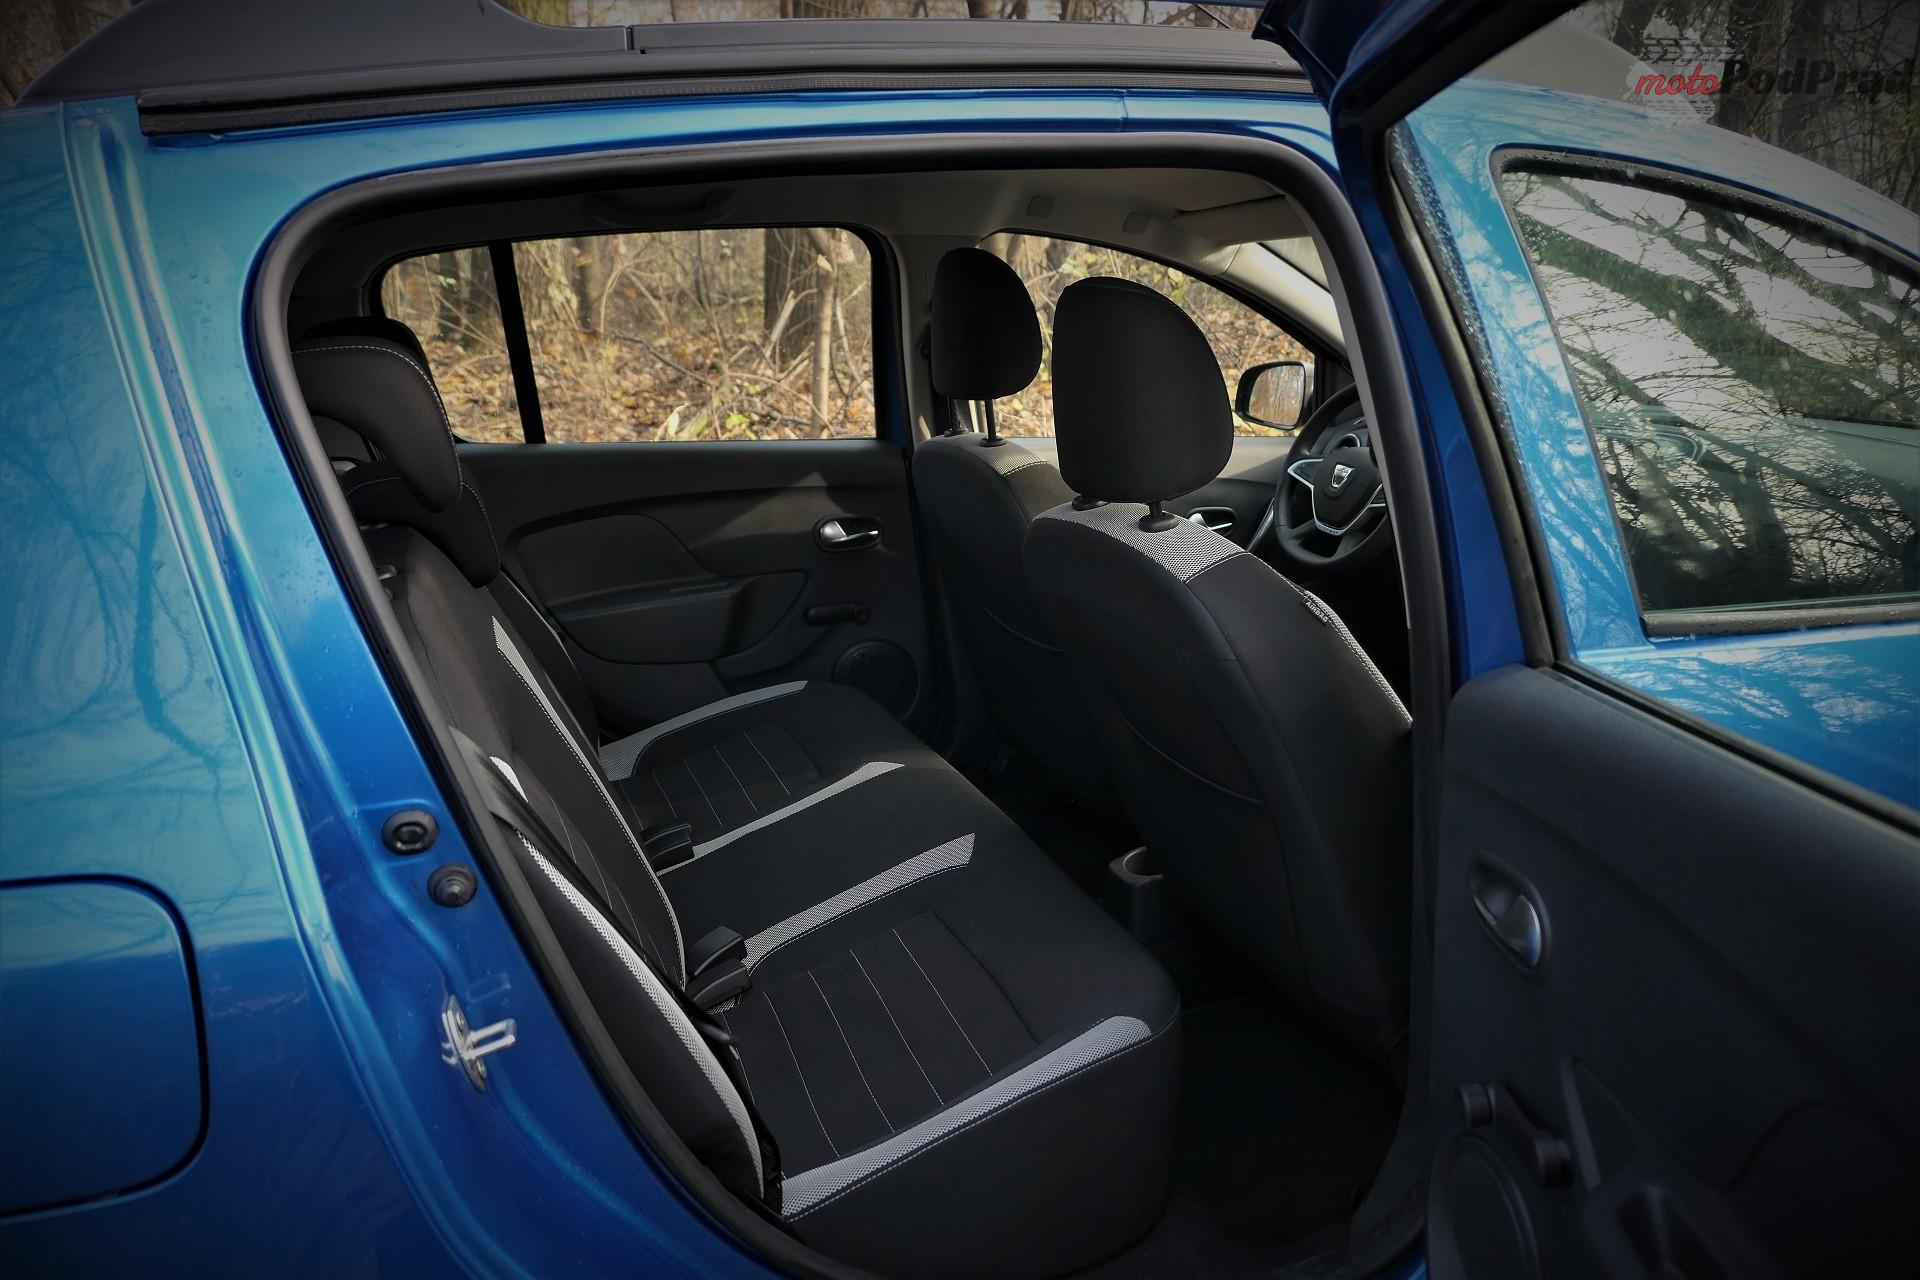 Dacia Sandero Stepway 8 Test: Dacia Sandero Stepway   w prostocie siła